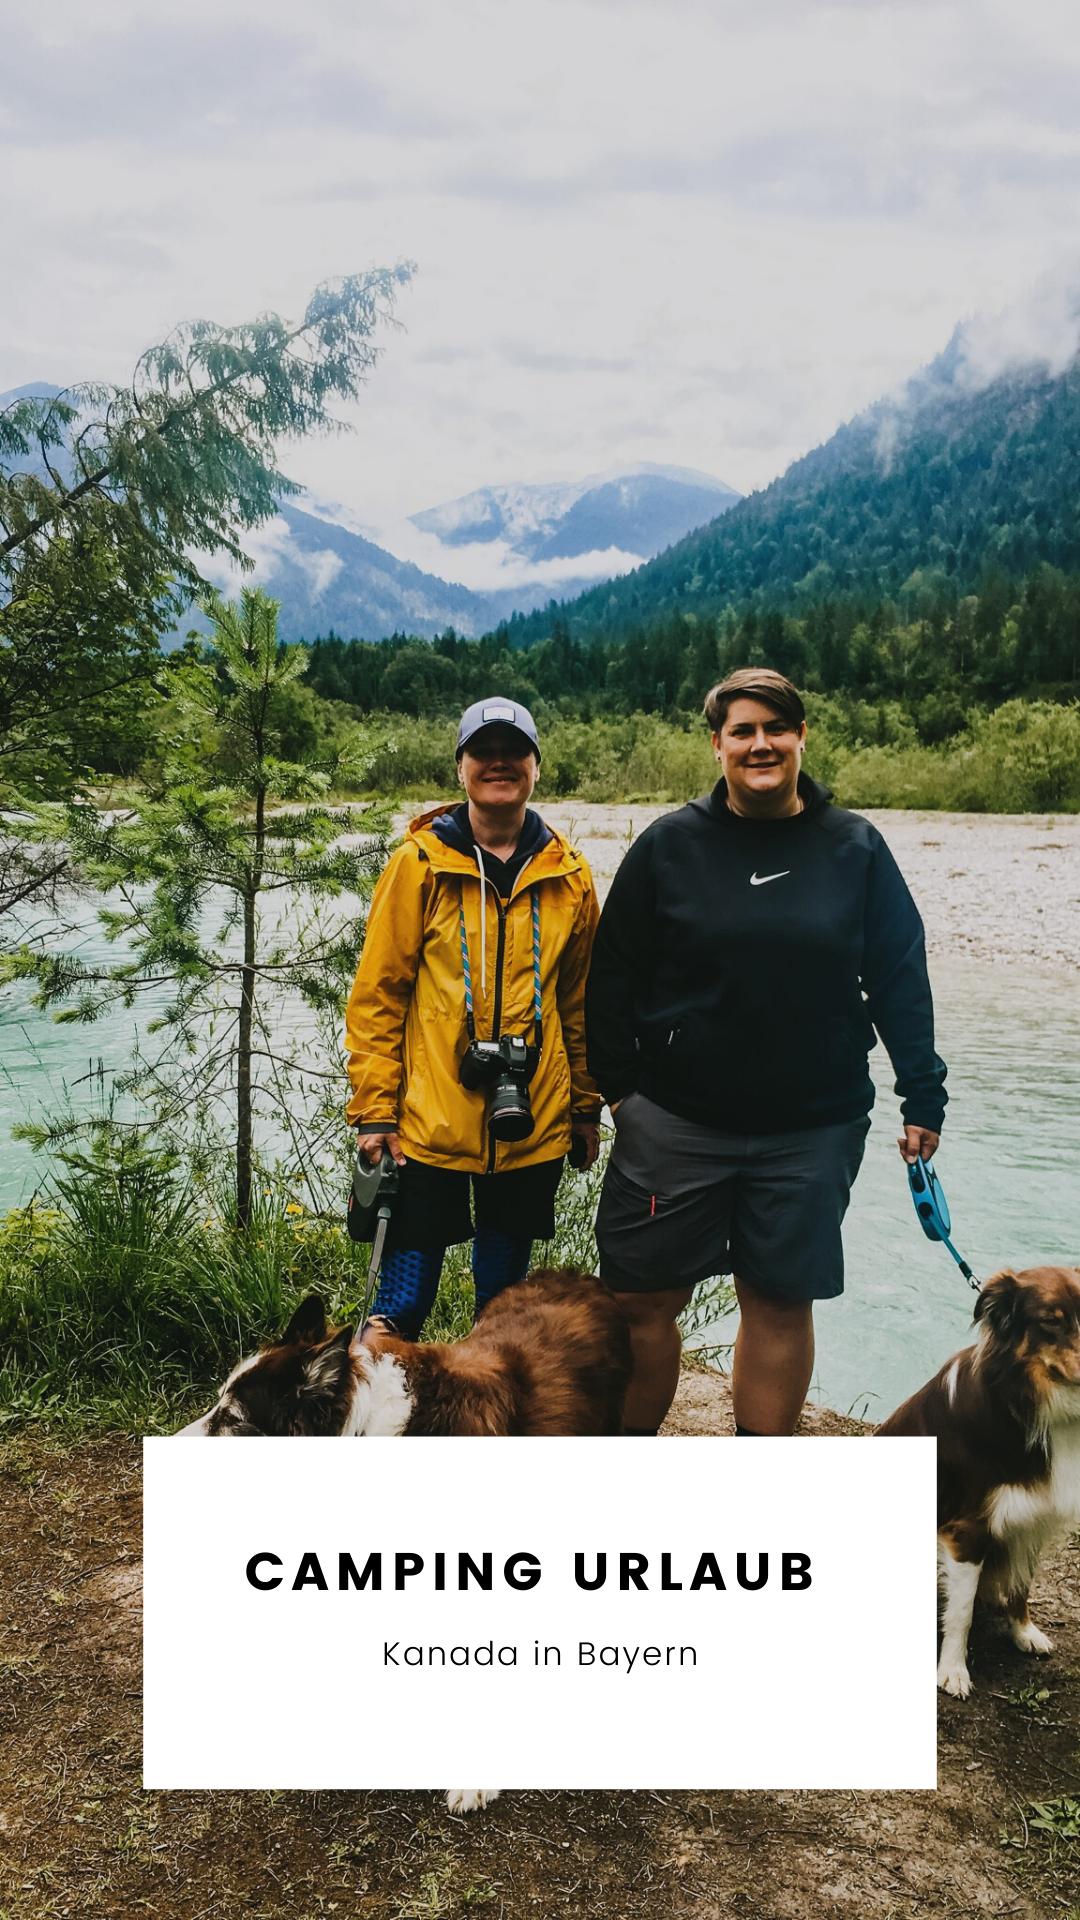 Camping Kurzurlaub in Bayern - Ein kleiner Urlaub im Kanada von Bayern